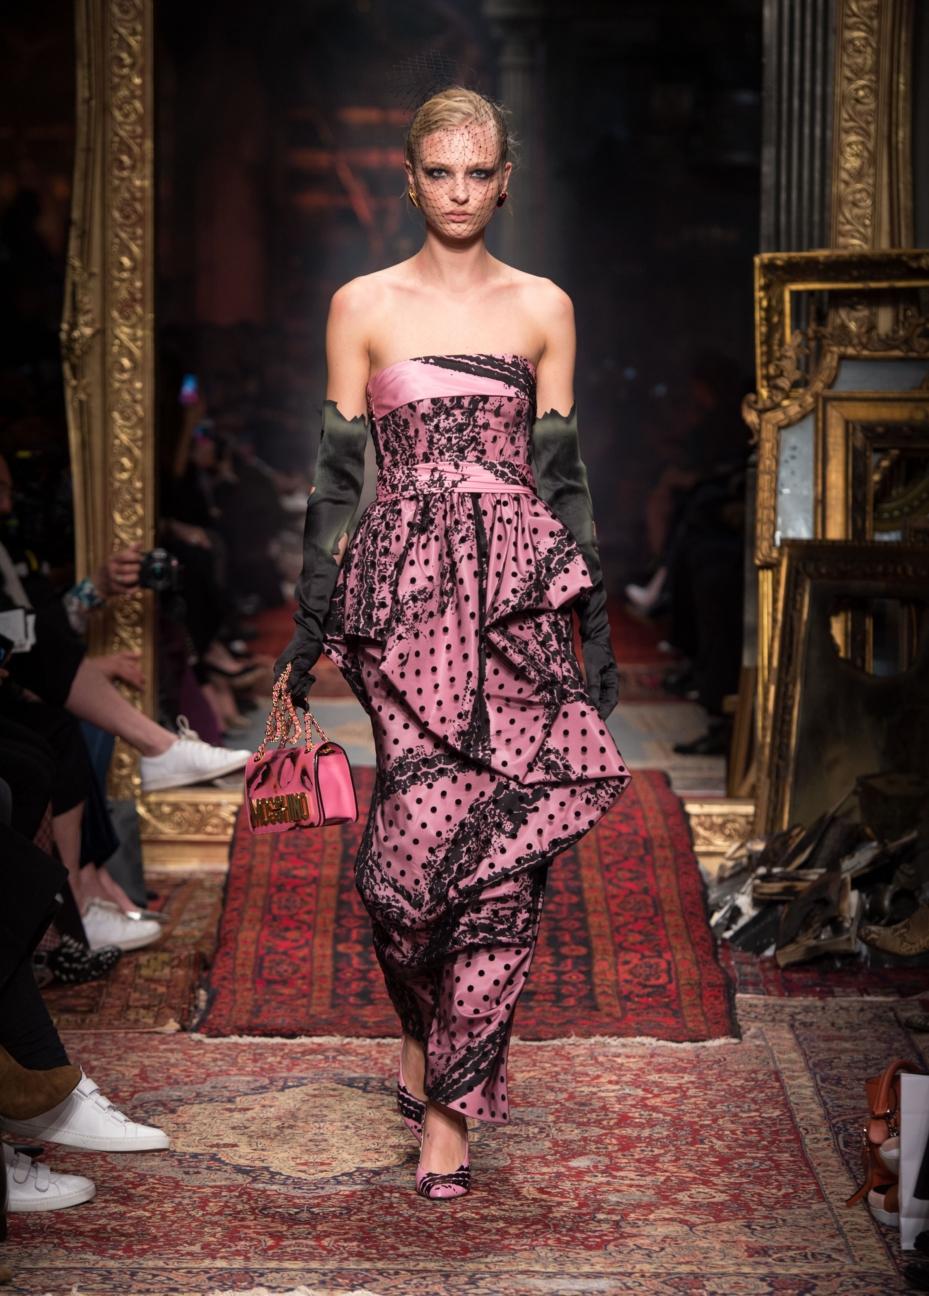 moschino-milan-fashion-week-aw-16-43